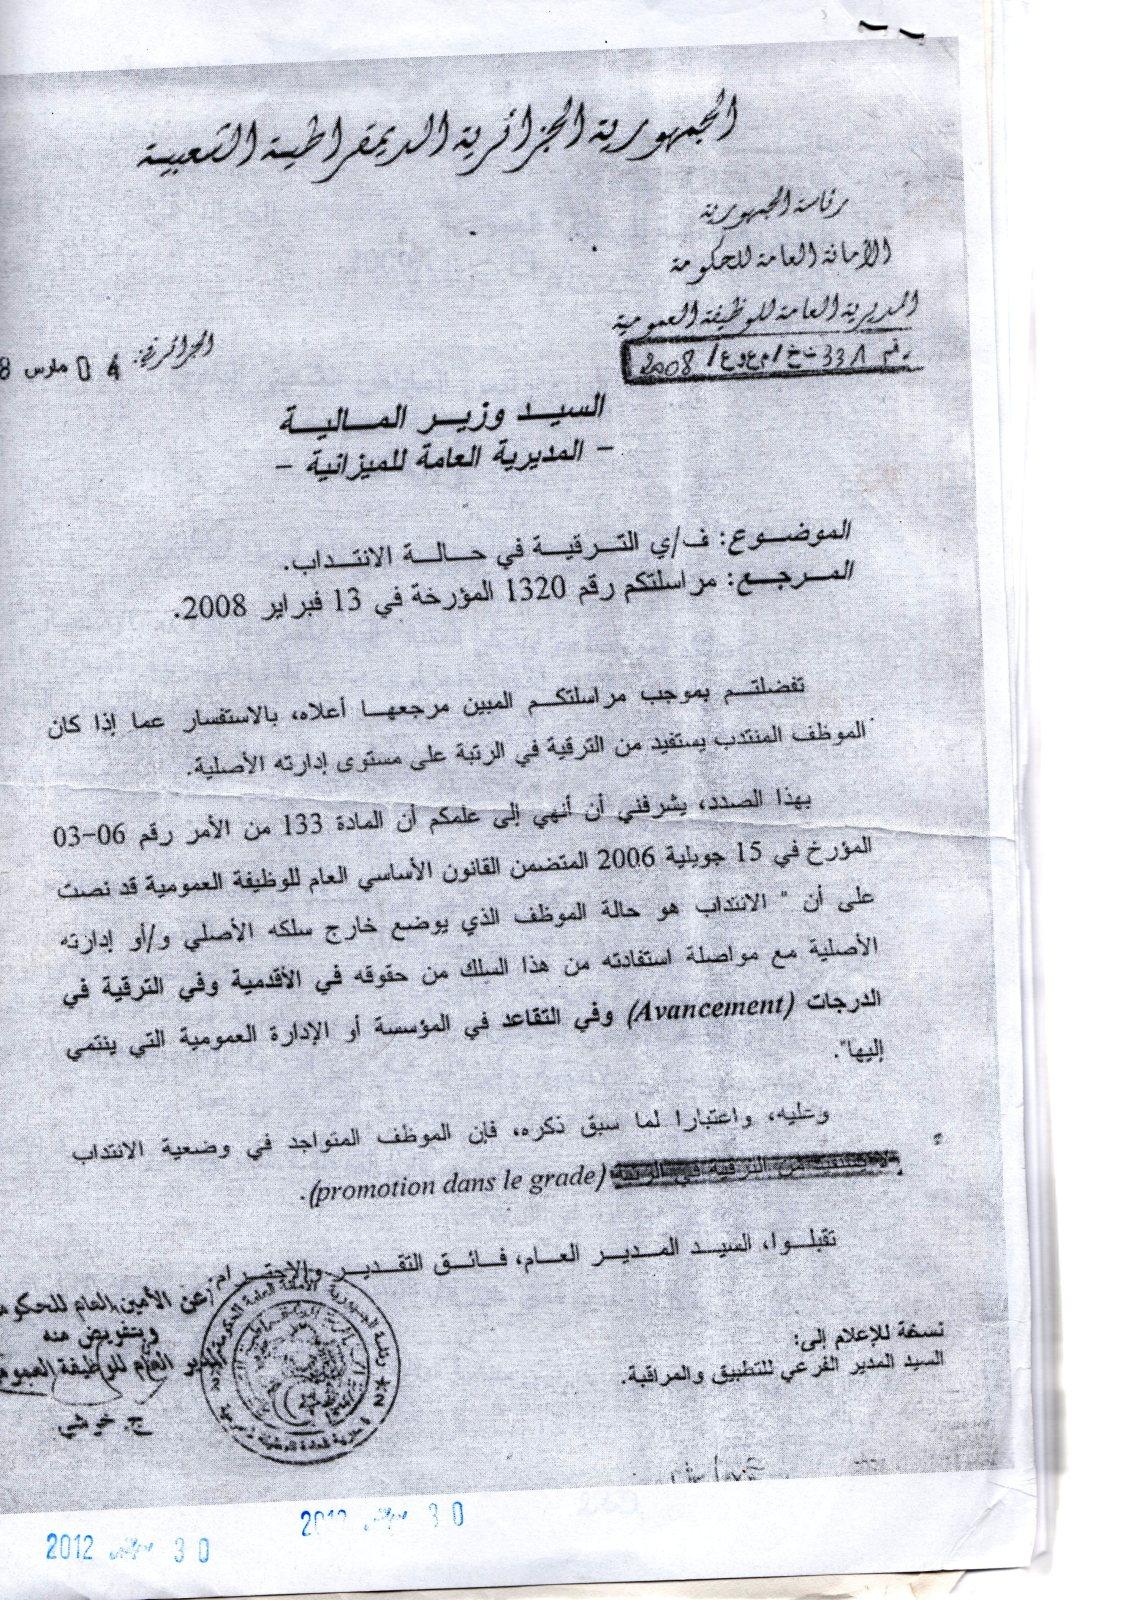 المراسلات الصادرة عن المديرية العامة للميزانية - صفحة 2 Sxnqma